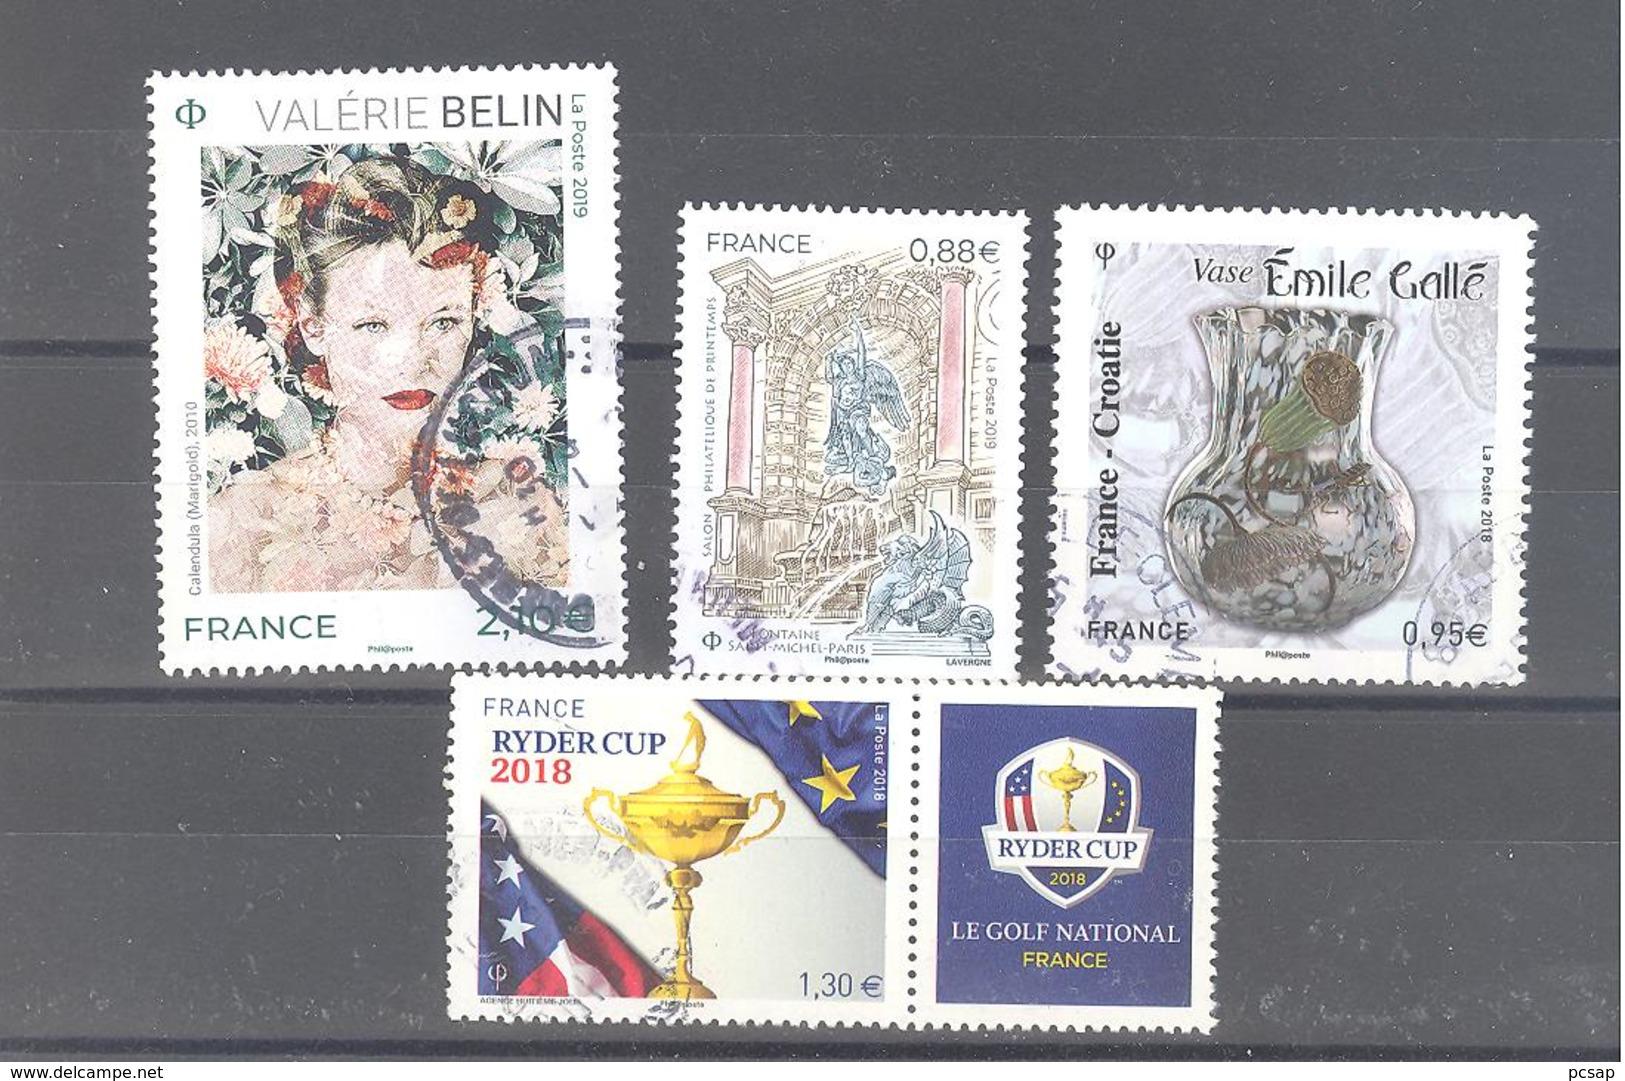 France Oblitérés : Valérie Belin - Fontaine St-Michel Paris - N°5245 & 5275 (cachet Rond) - France